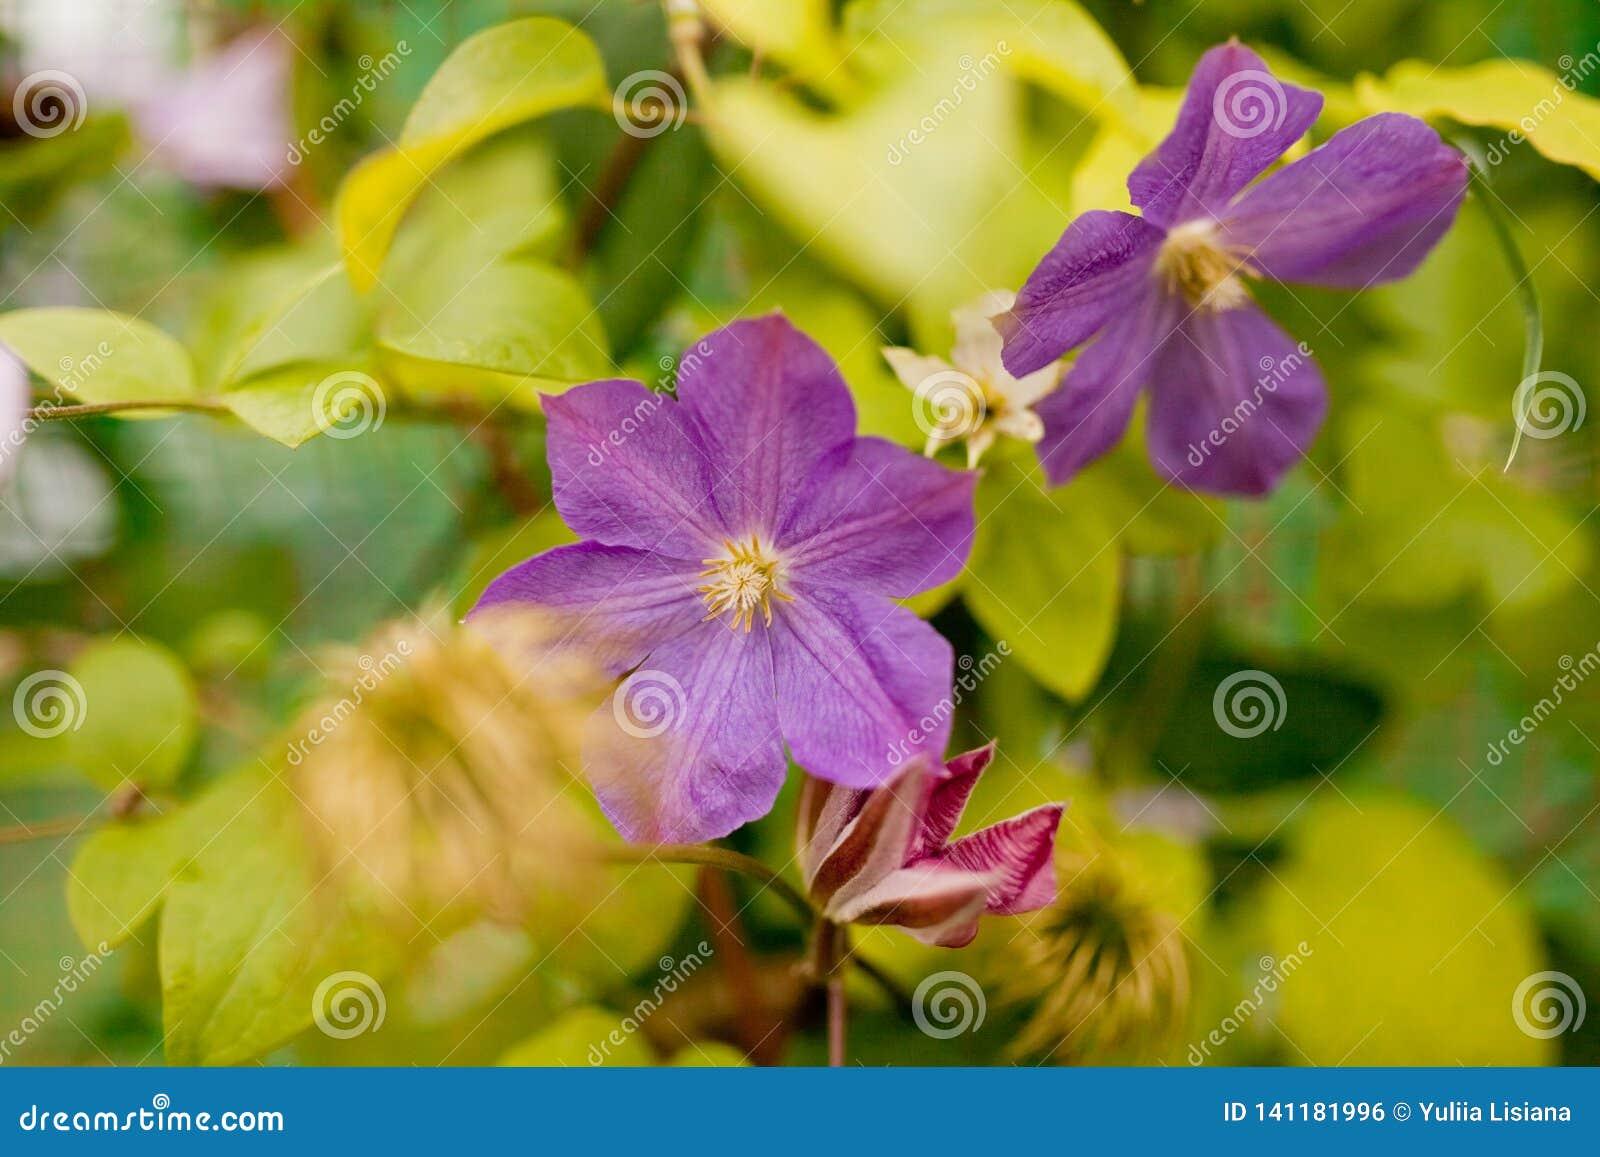 Clématite Grand-fleurie Les belles, grandes clématites pourpres fleurissent dans le jardin